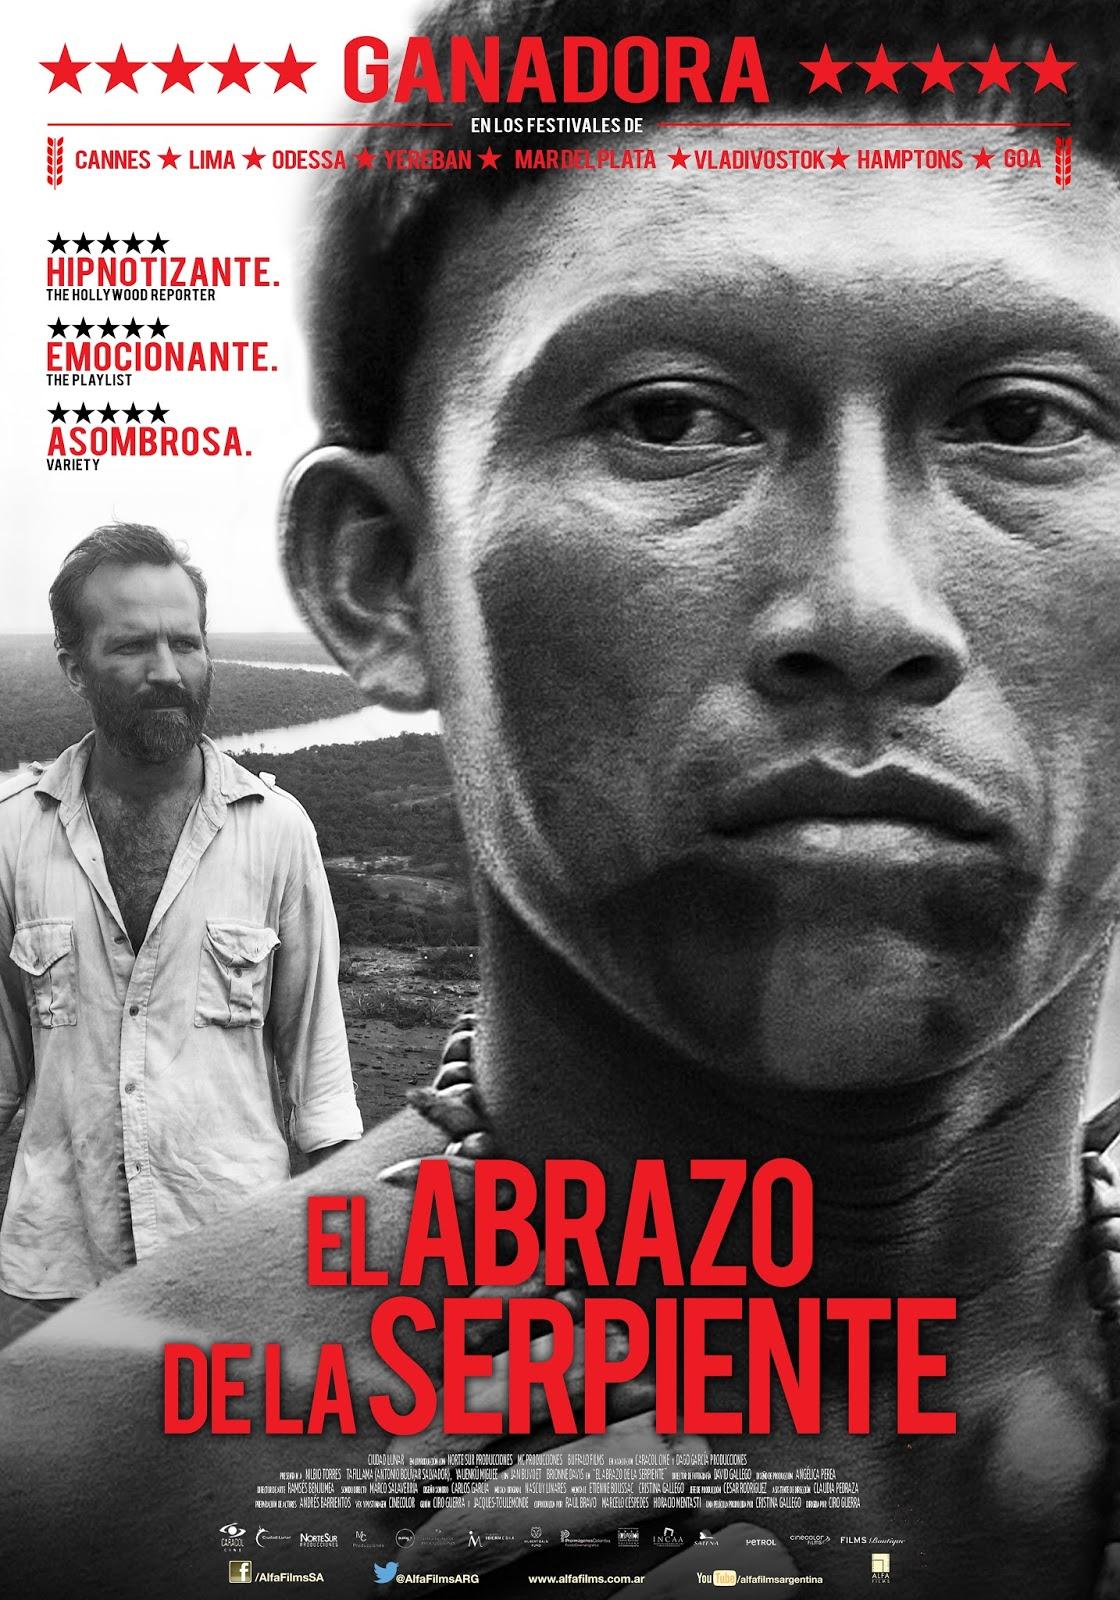 El_abrazo_de_la_serpiente